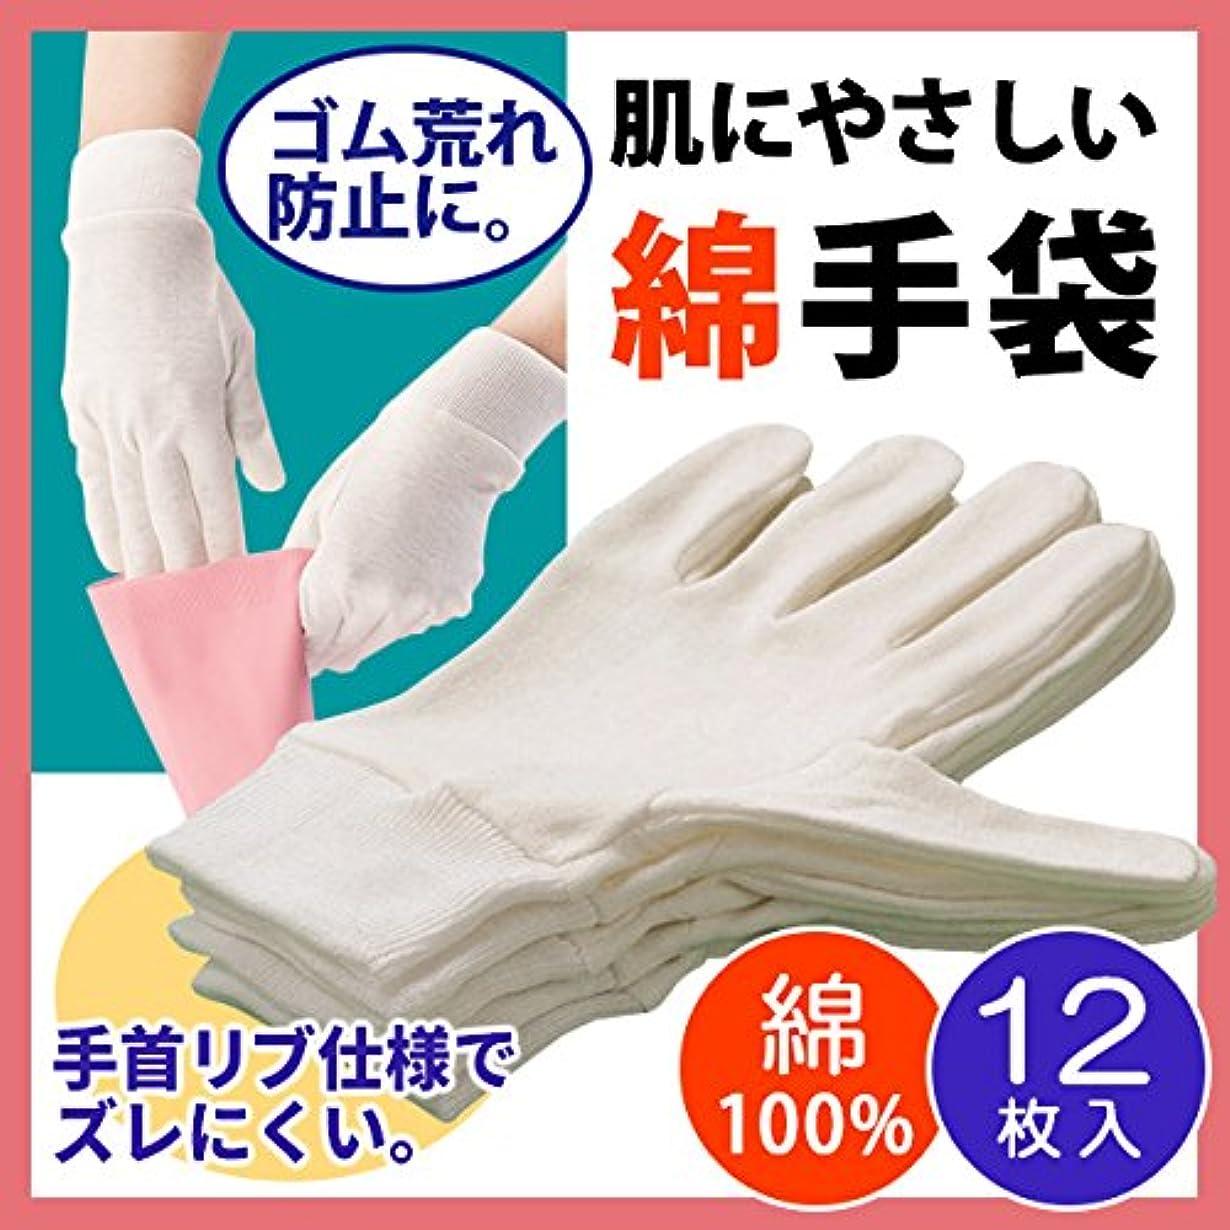 アルカイックコード不規則な【女性用】肌にやさしいコットン手袋 12枚入り